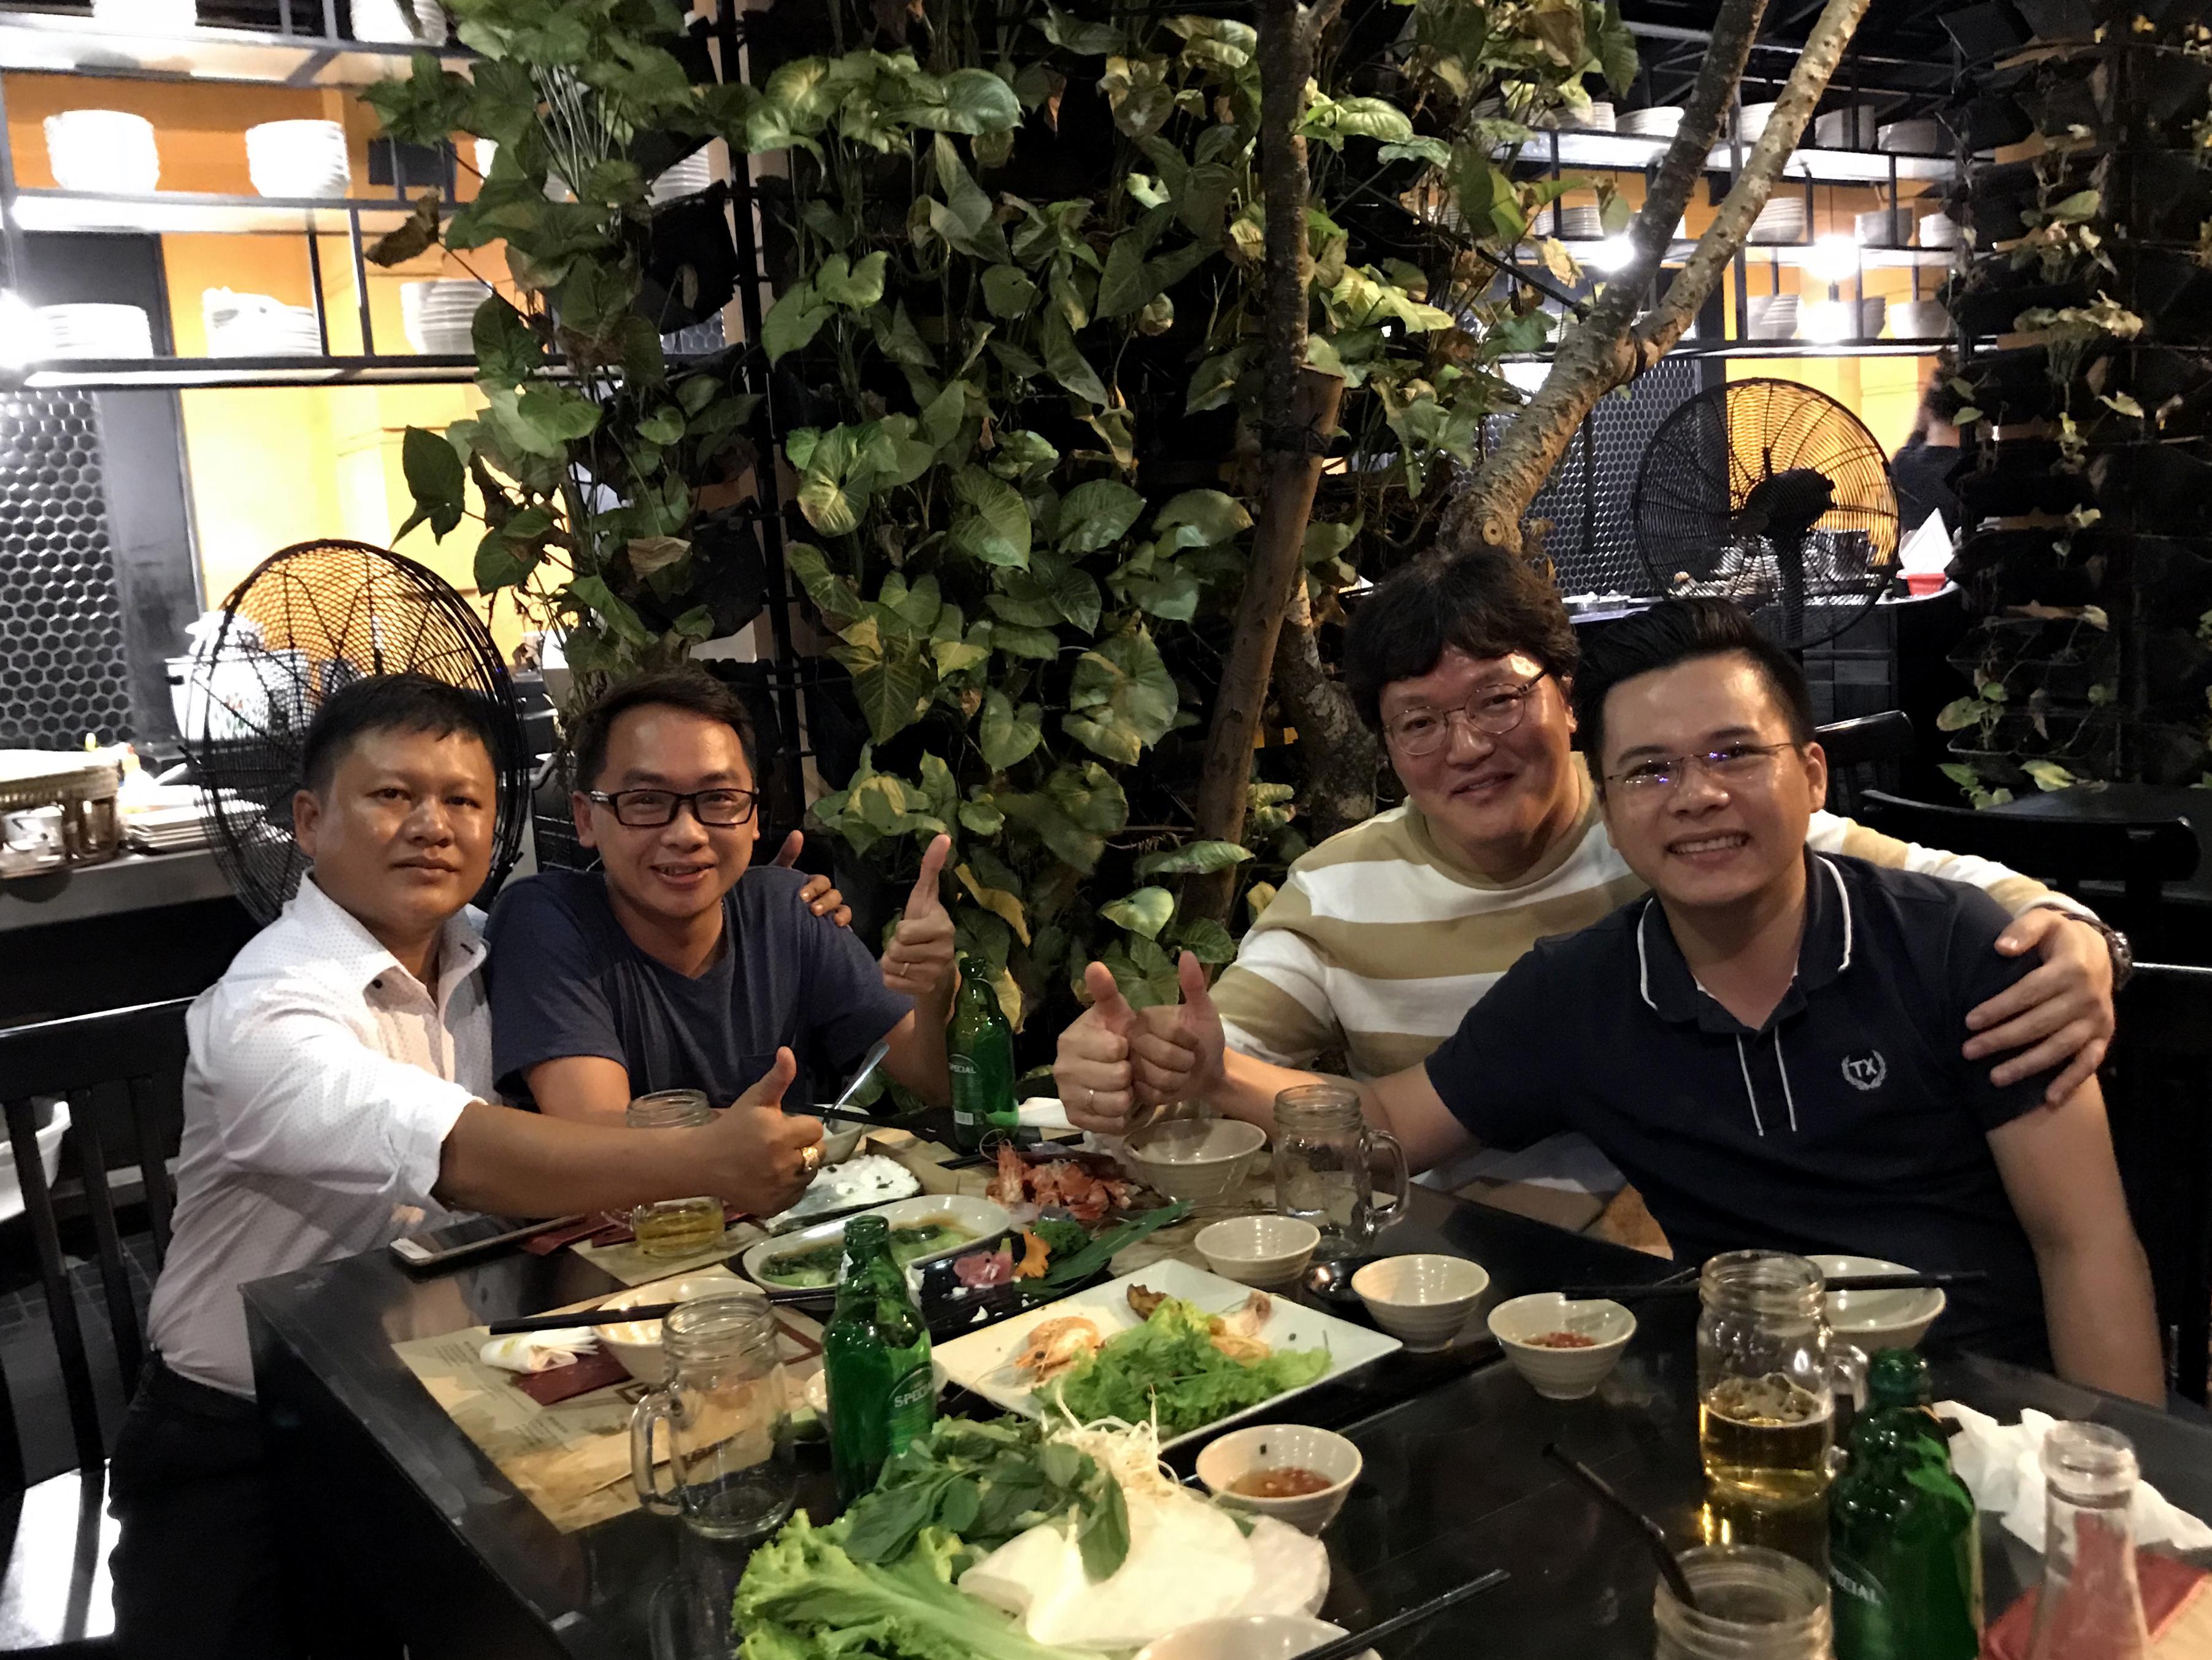 Công ty TNHH công nghiệp Phú Thịnh gặp gỡ đối tác Hàn Quốc